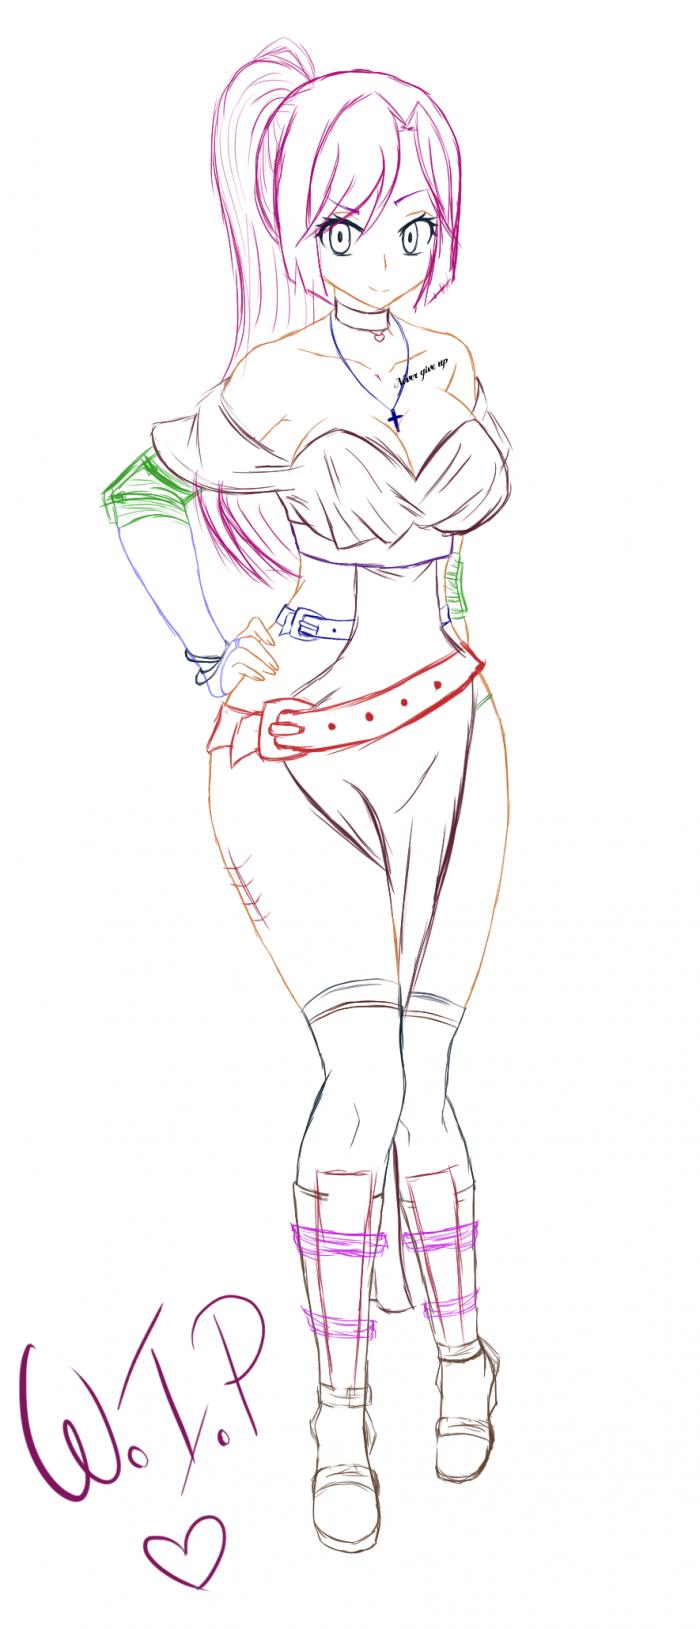 Marilyn (Kat) en tenue de combat... ;;